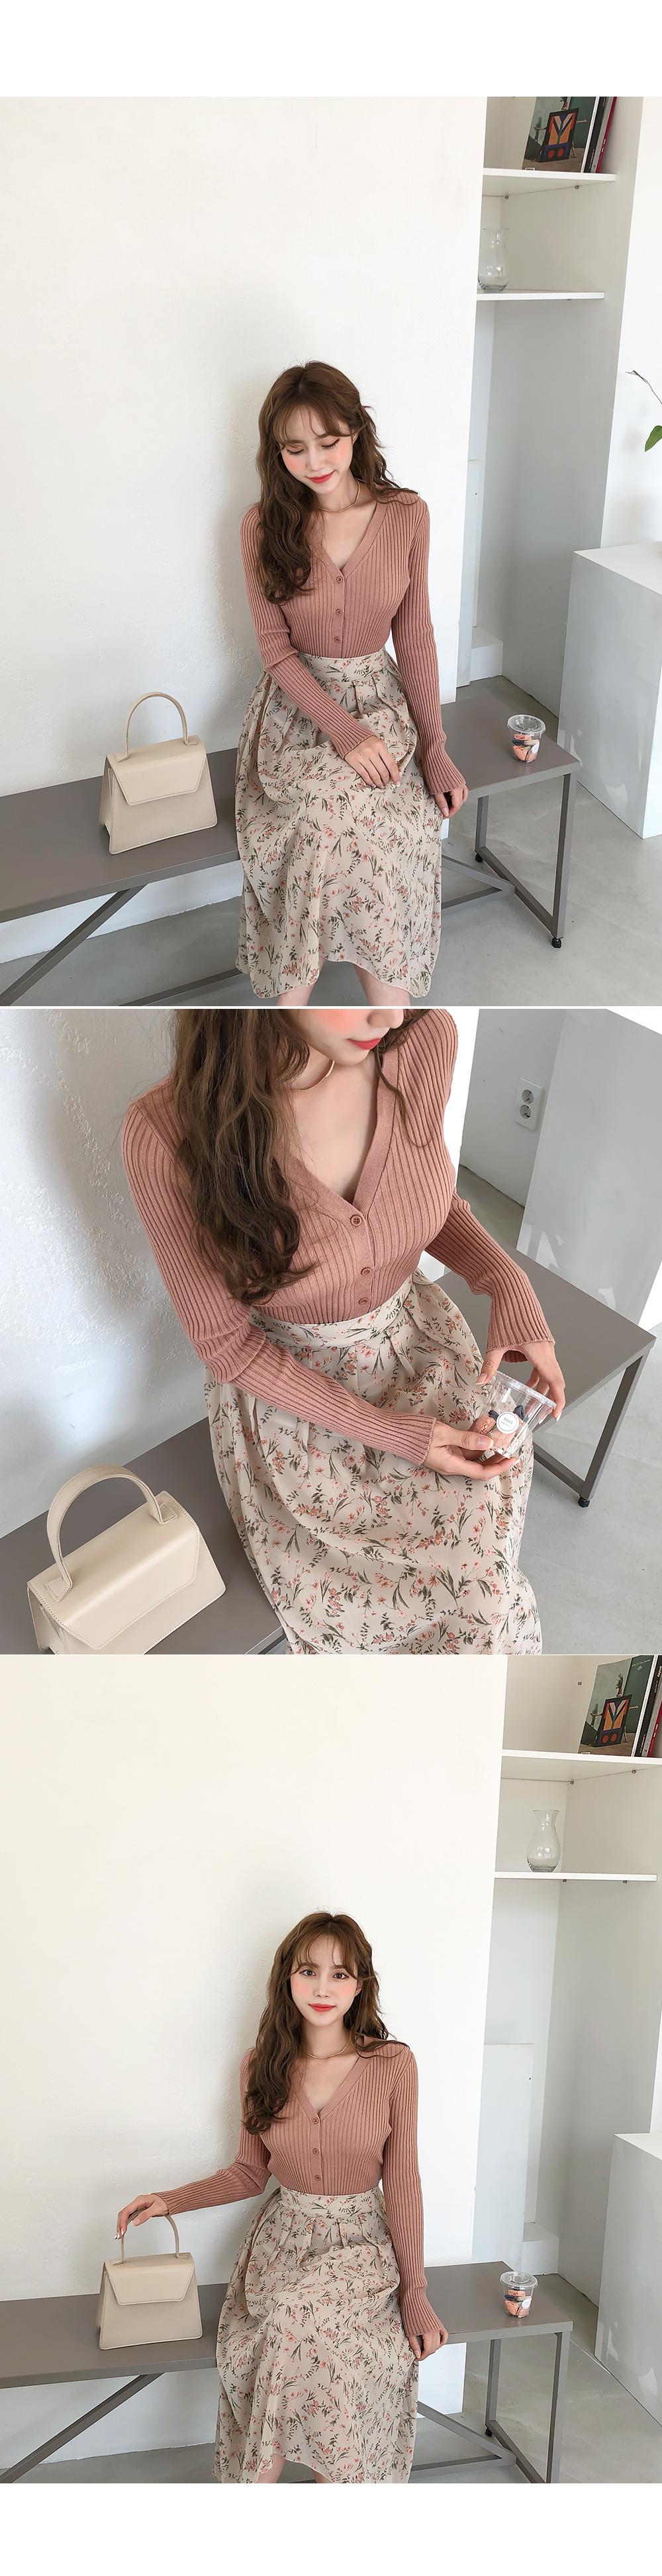 Slim fit knit cardigan